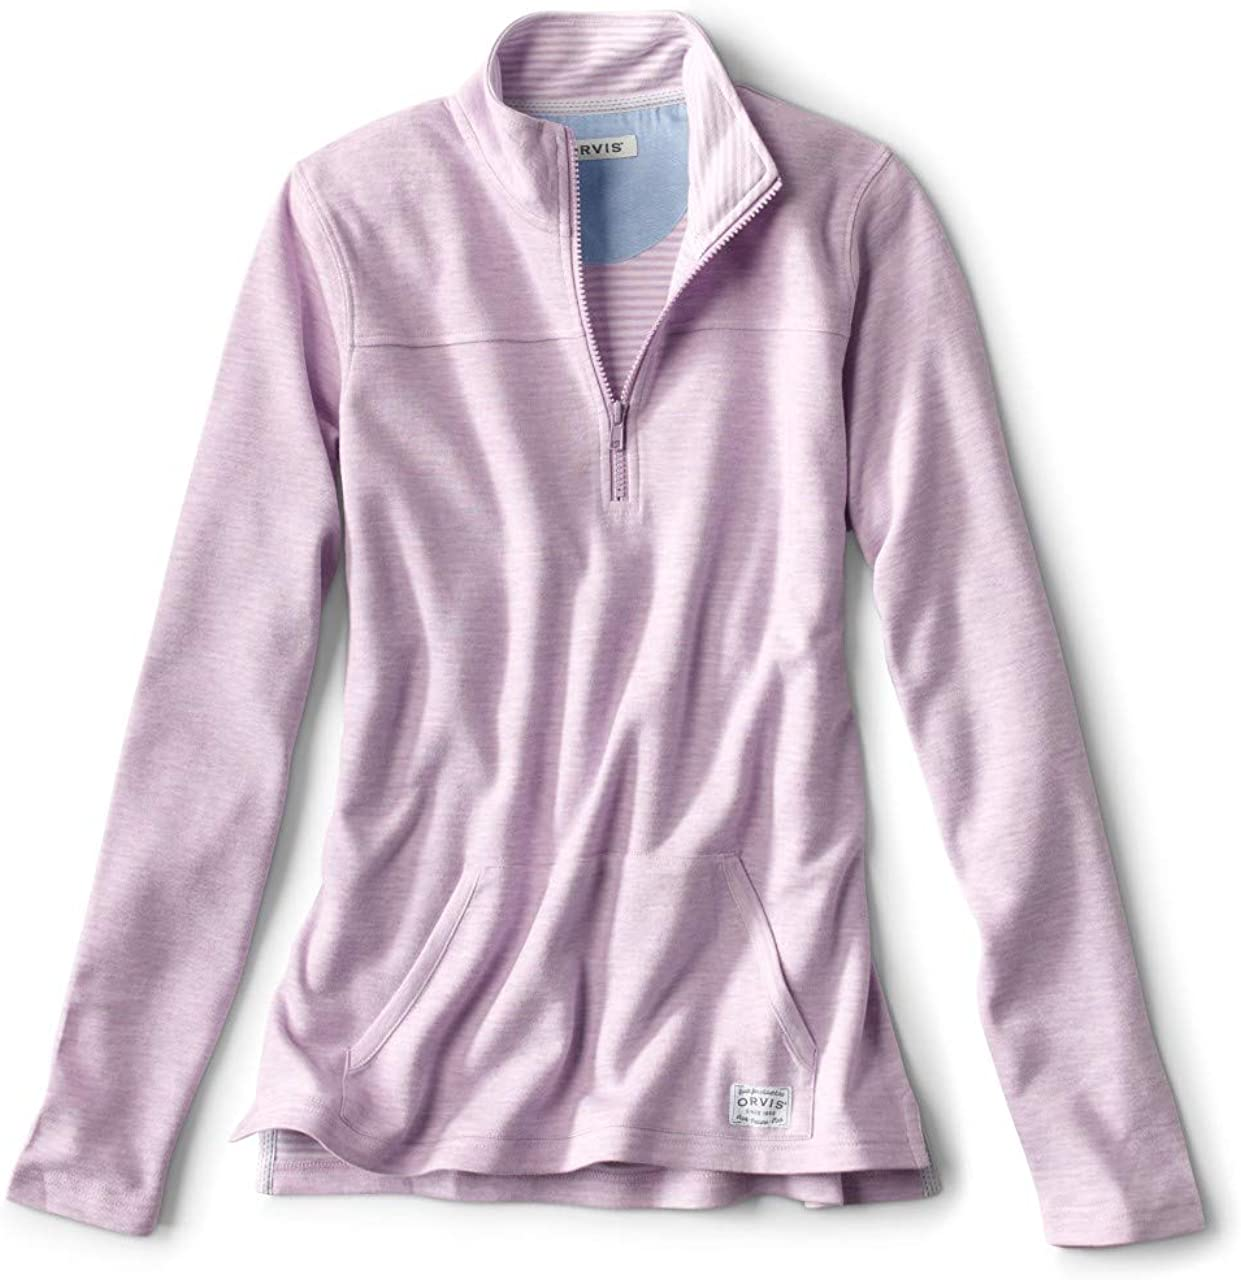 Orvis Women/'s 1//4 Zip Pull Over Sweatshirt